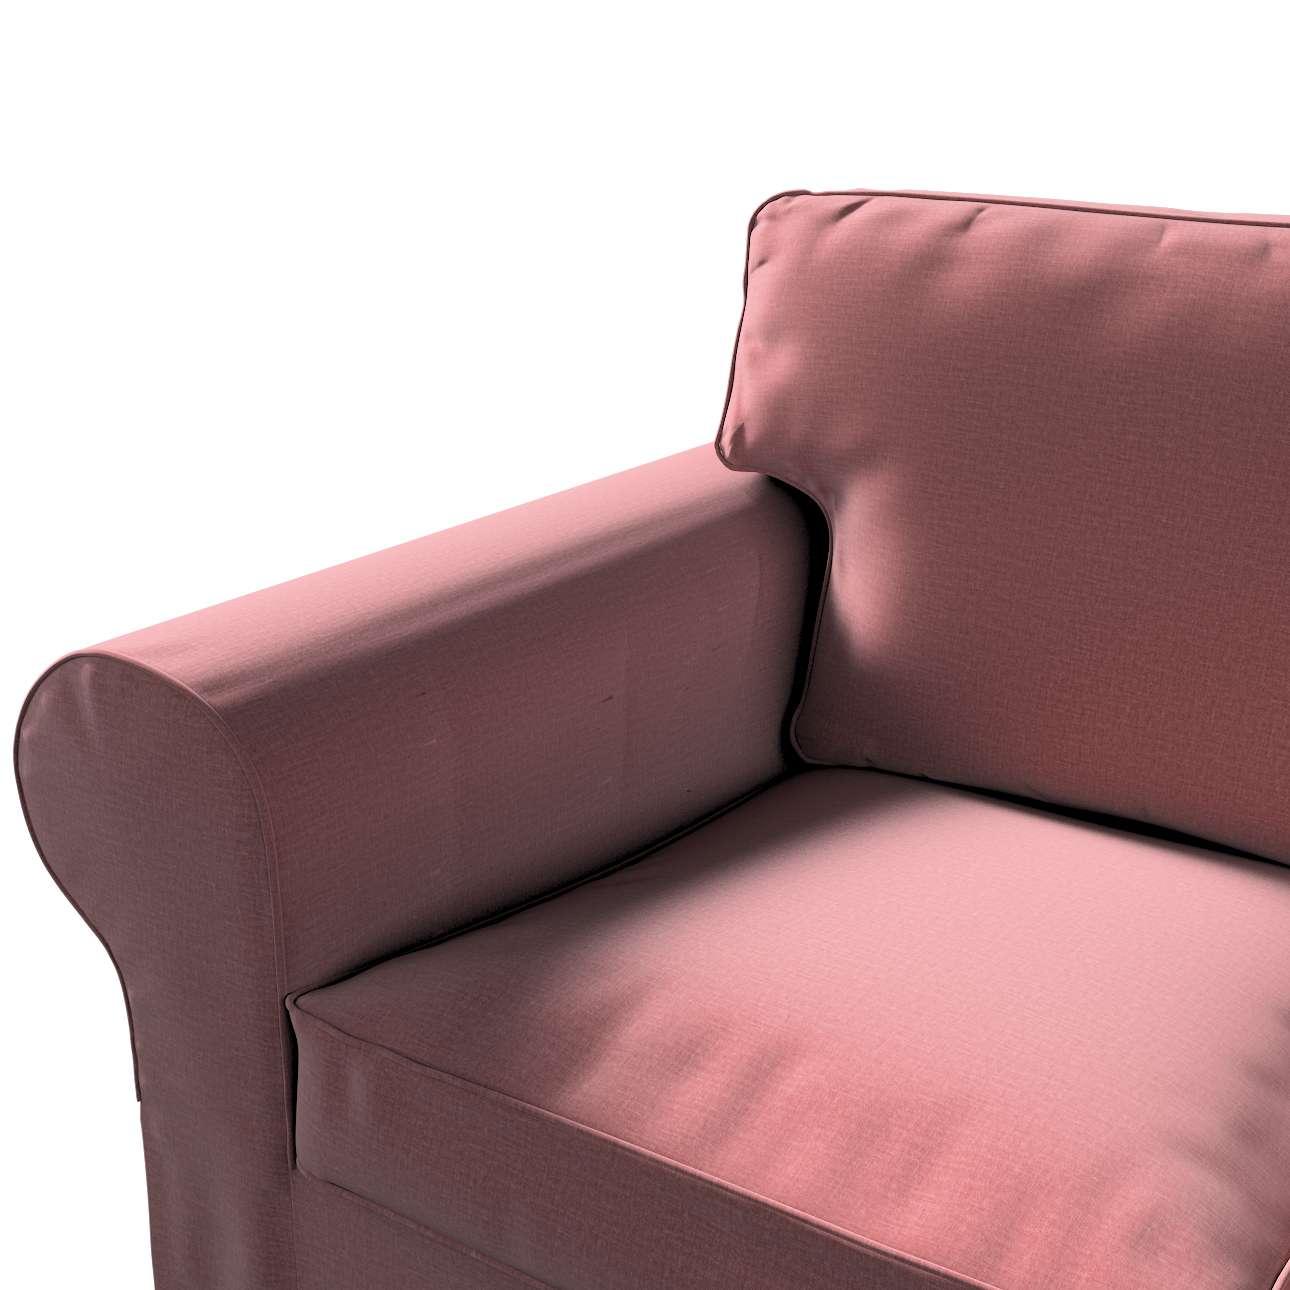 Pokrowiec na sofę Ektorp 3-osobową, rozkładaną w kolekcji Ingrid, tkanina: 705-38